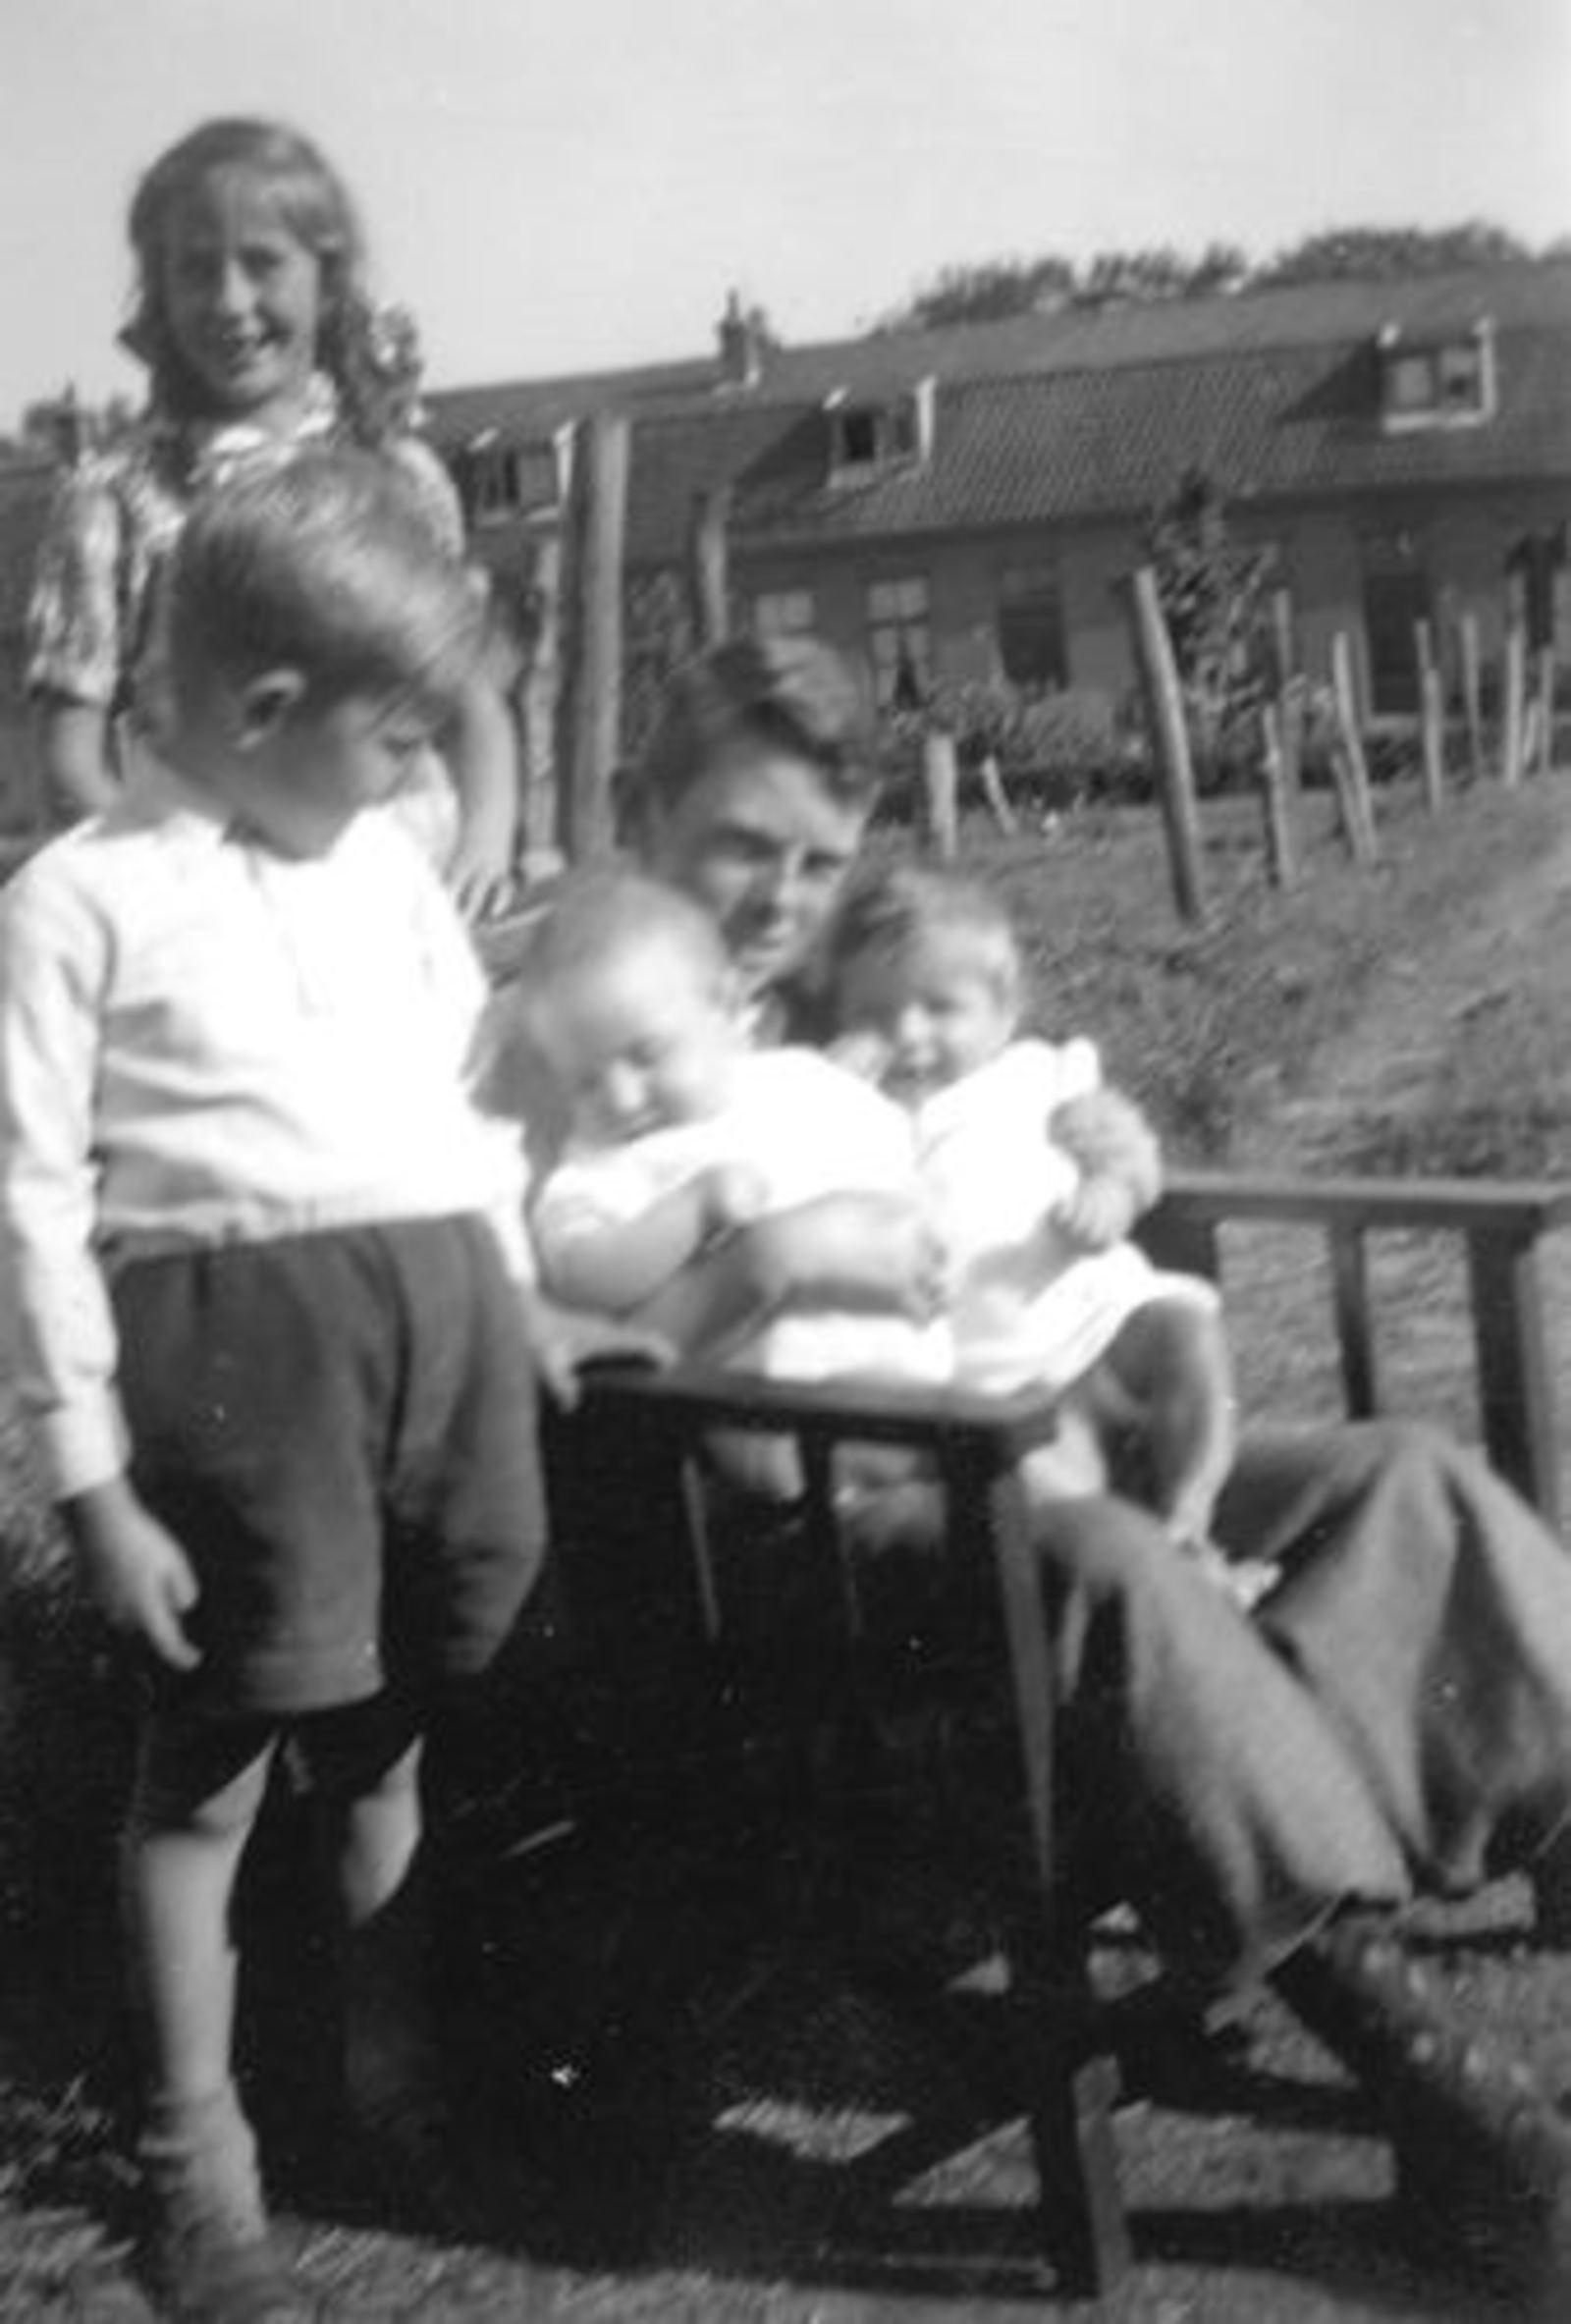 Rip Jaap Jr 1951± met Broers en Zusjes bij Machinebuurt 01